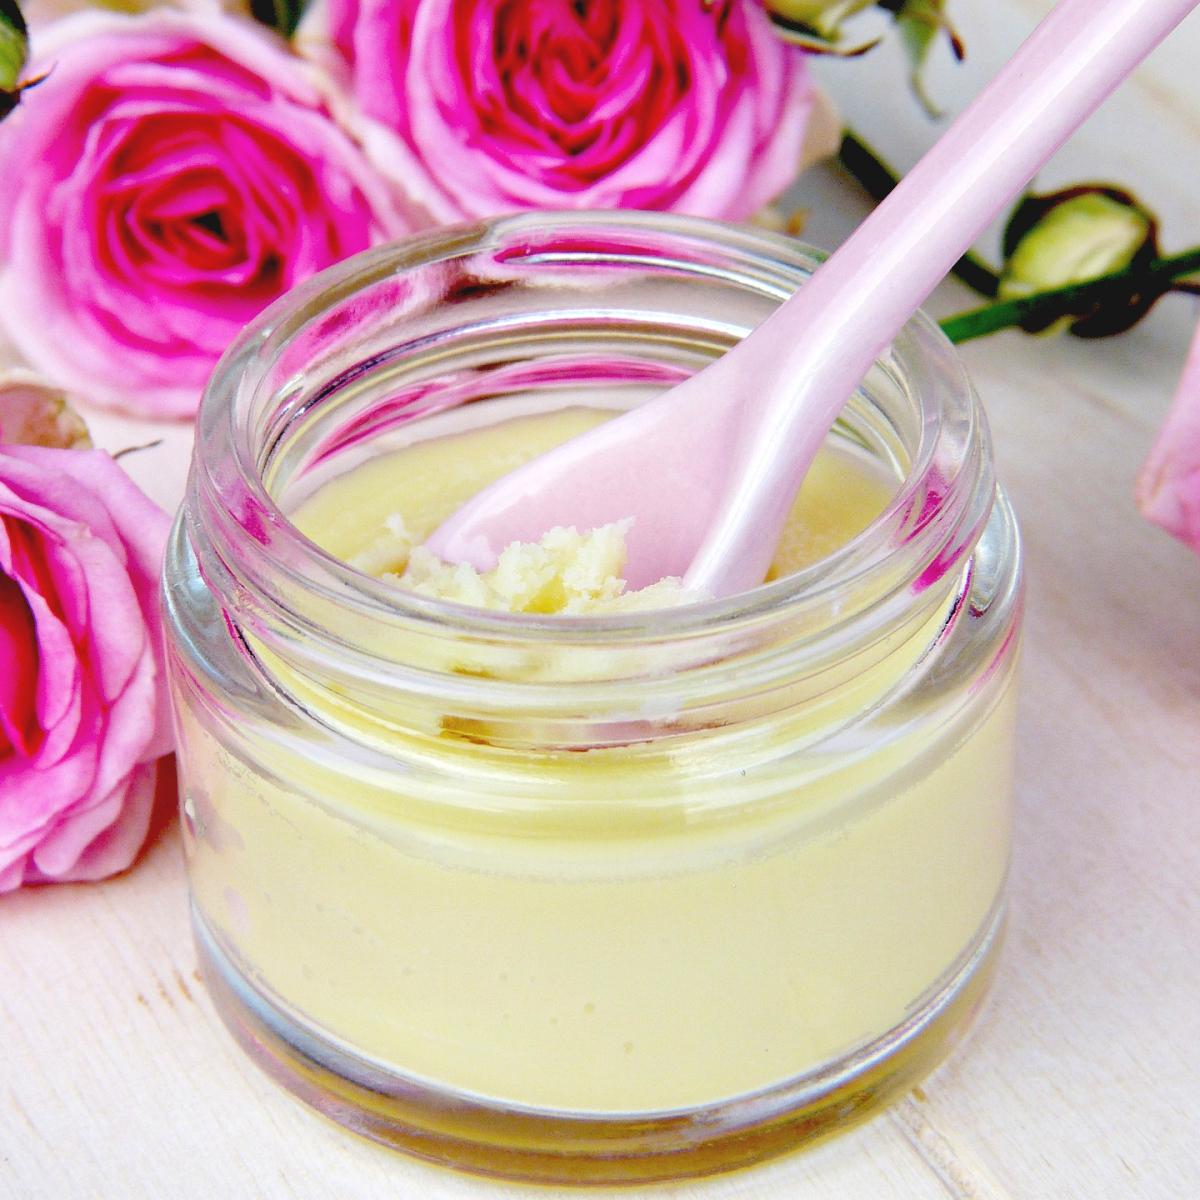 精油がふわりと香る「練り香水」の作り方&使い方